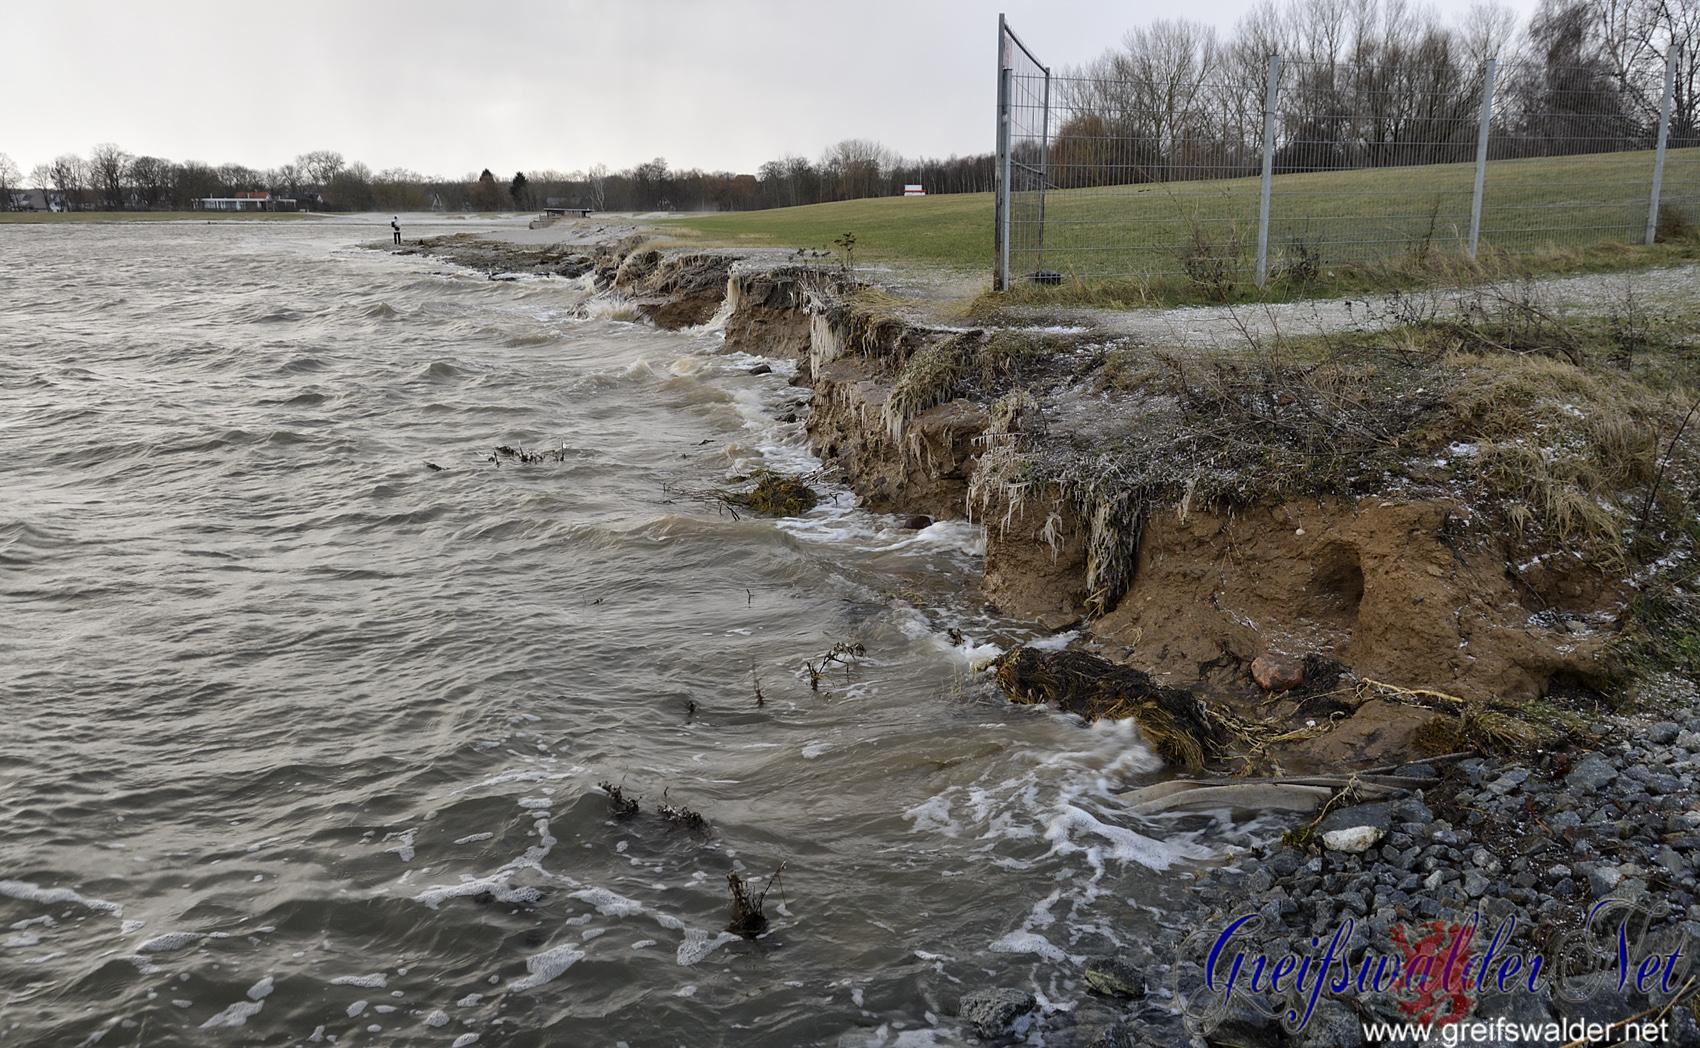 Hochwasser am Strand in Greifswald-Eldena